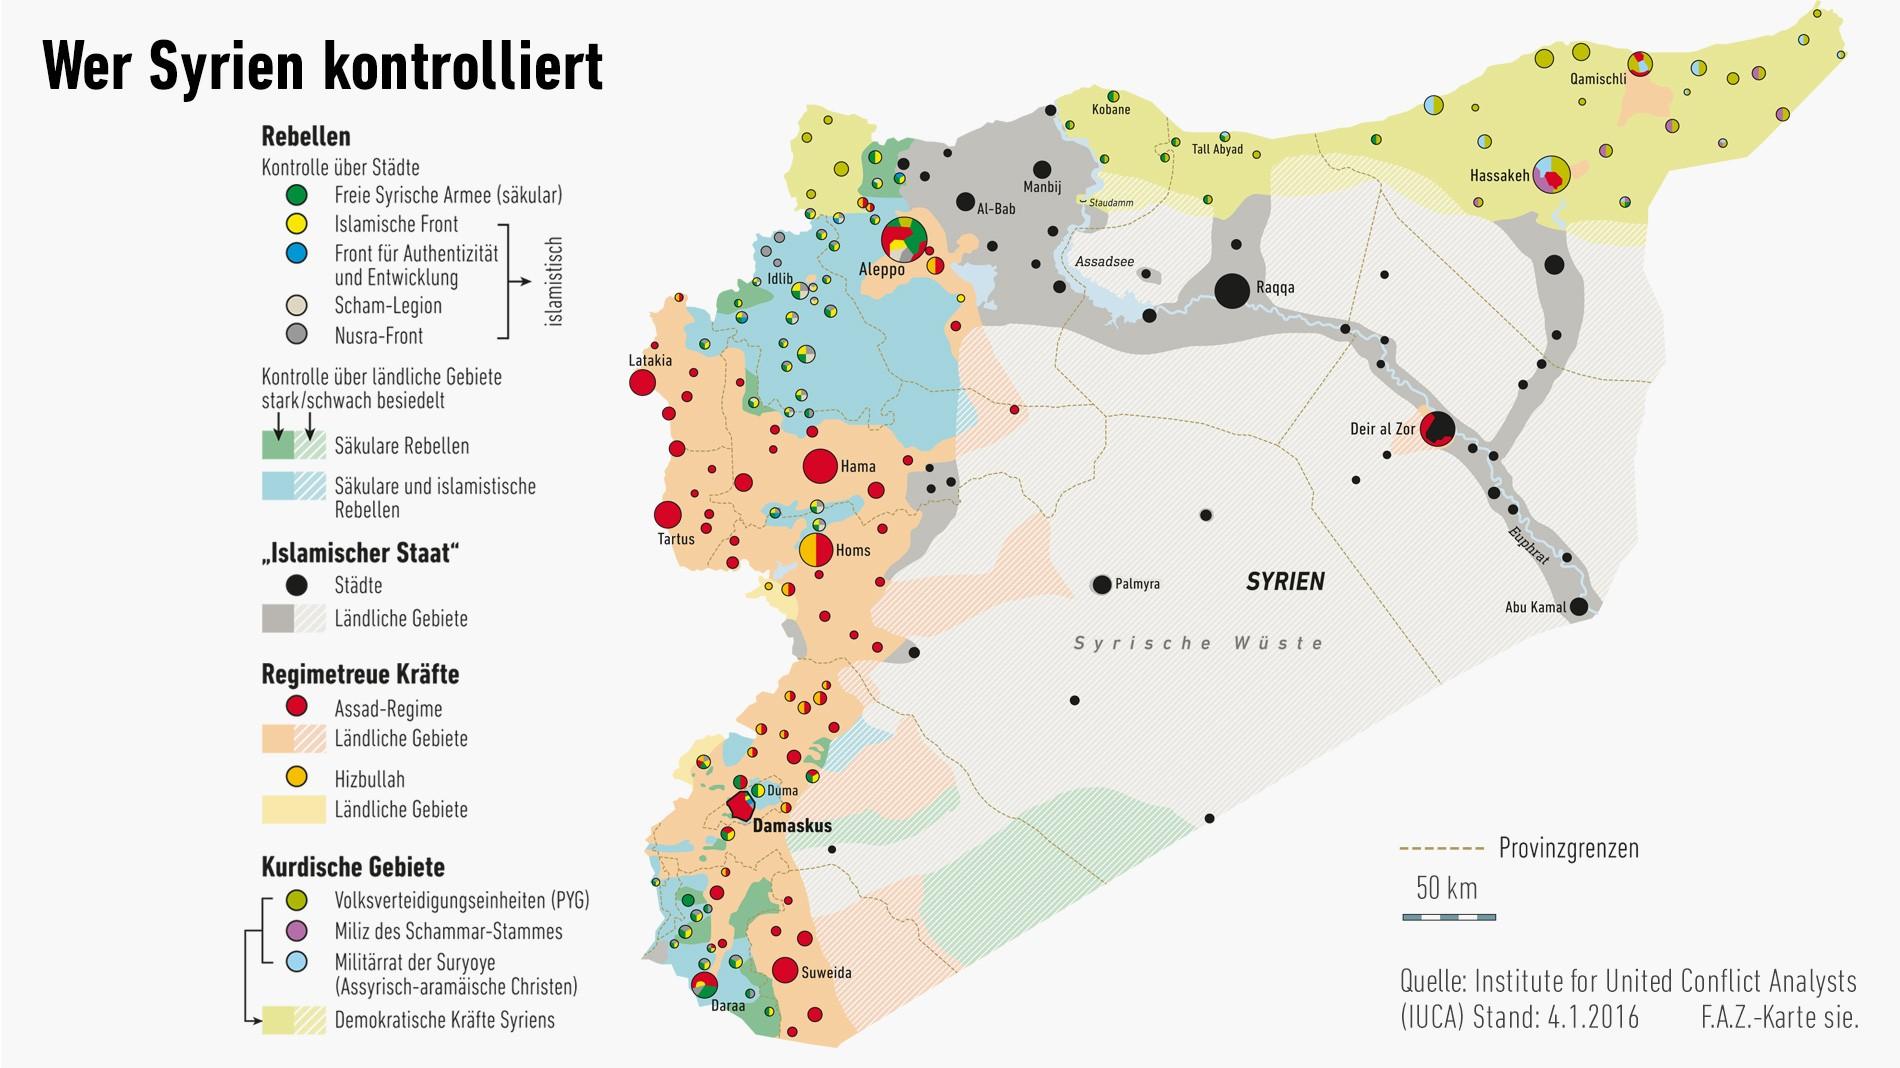 Karte Syrien.Lage In Syrien Nach Fünf Jahren Bürgerkrieg Unübersichtlich